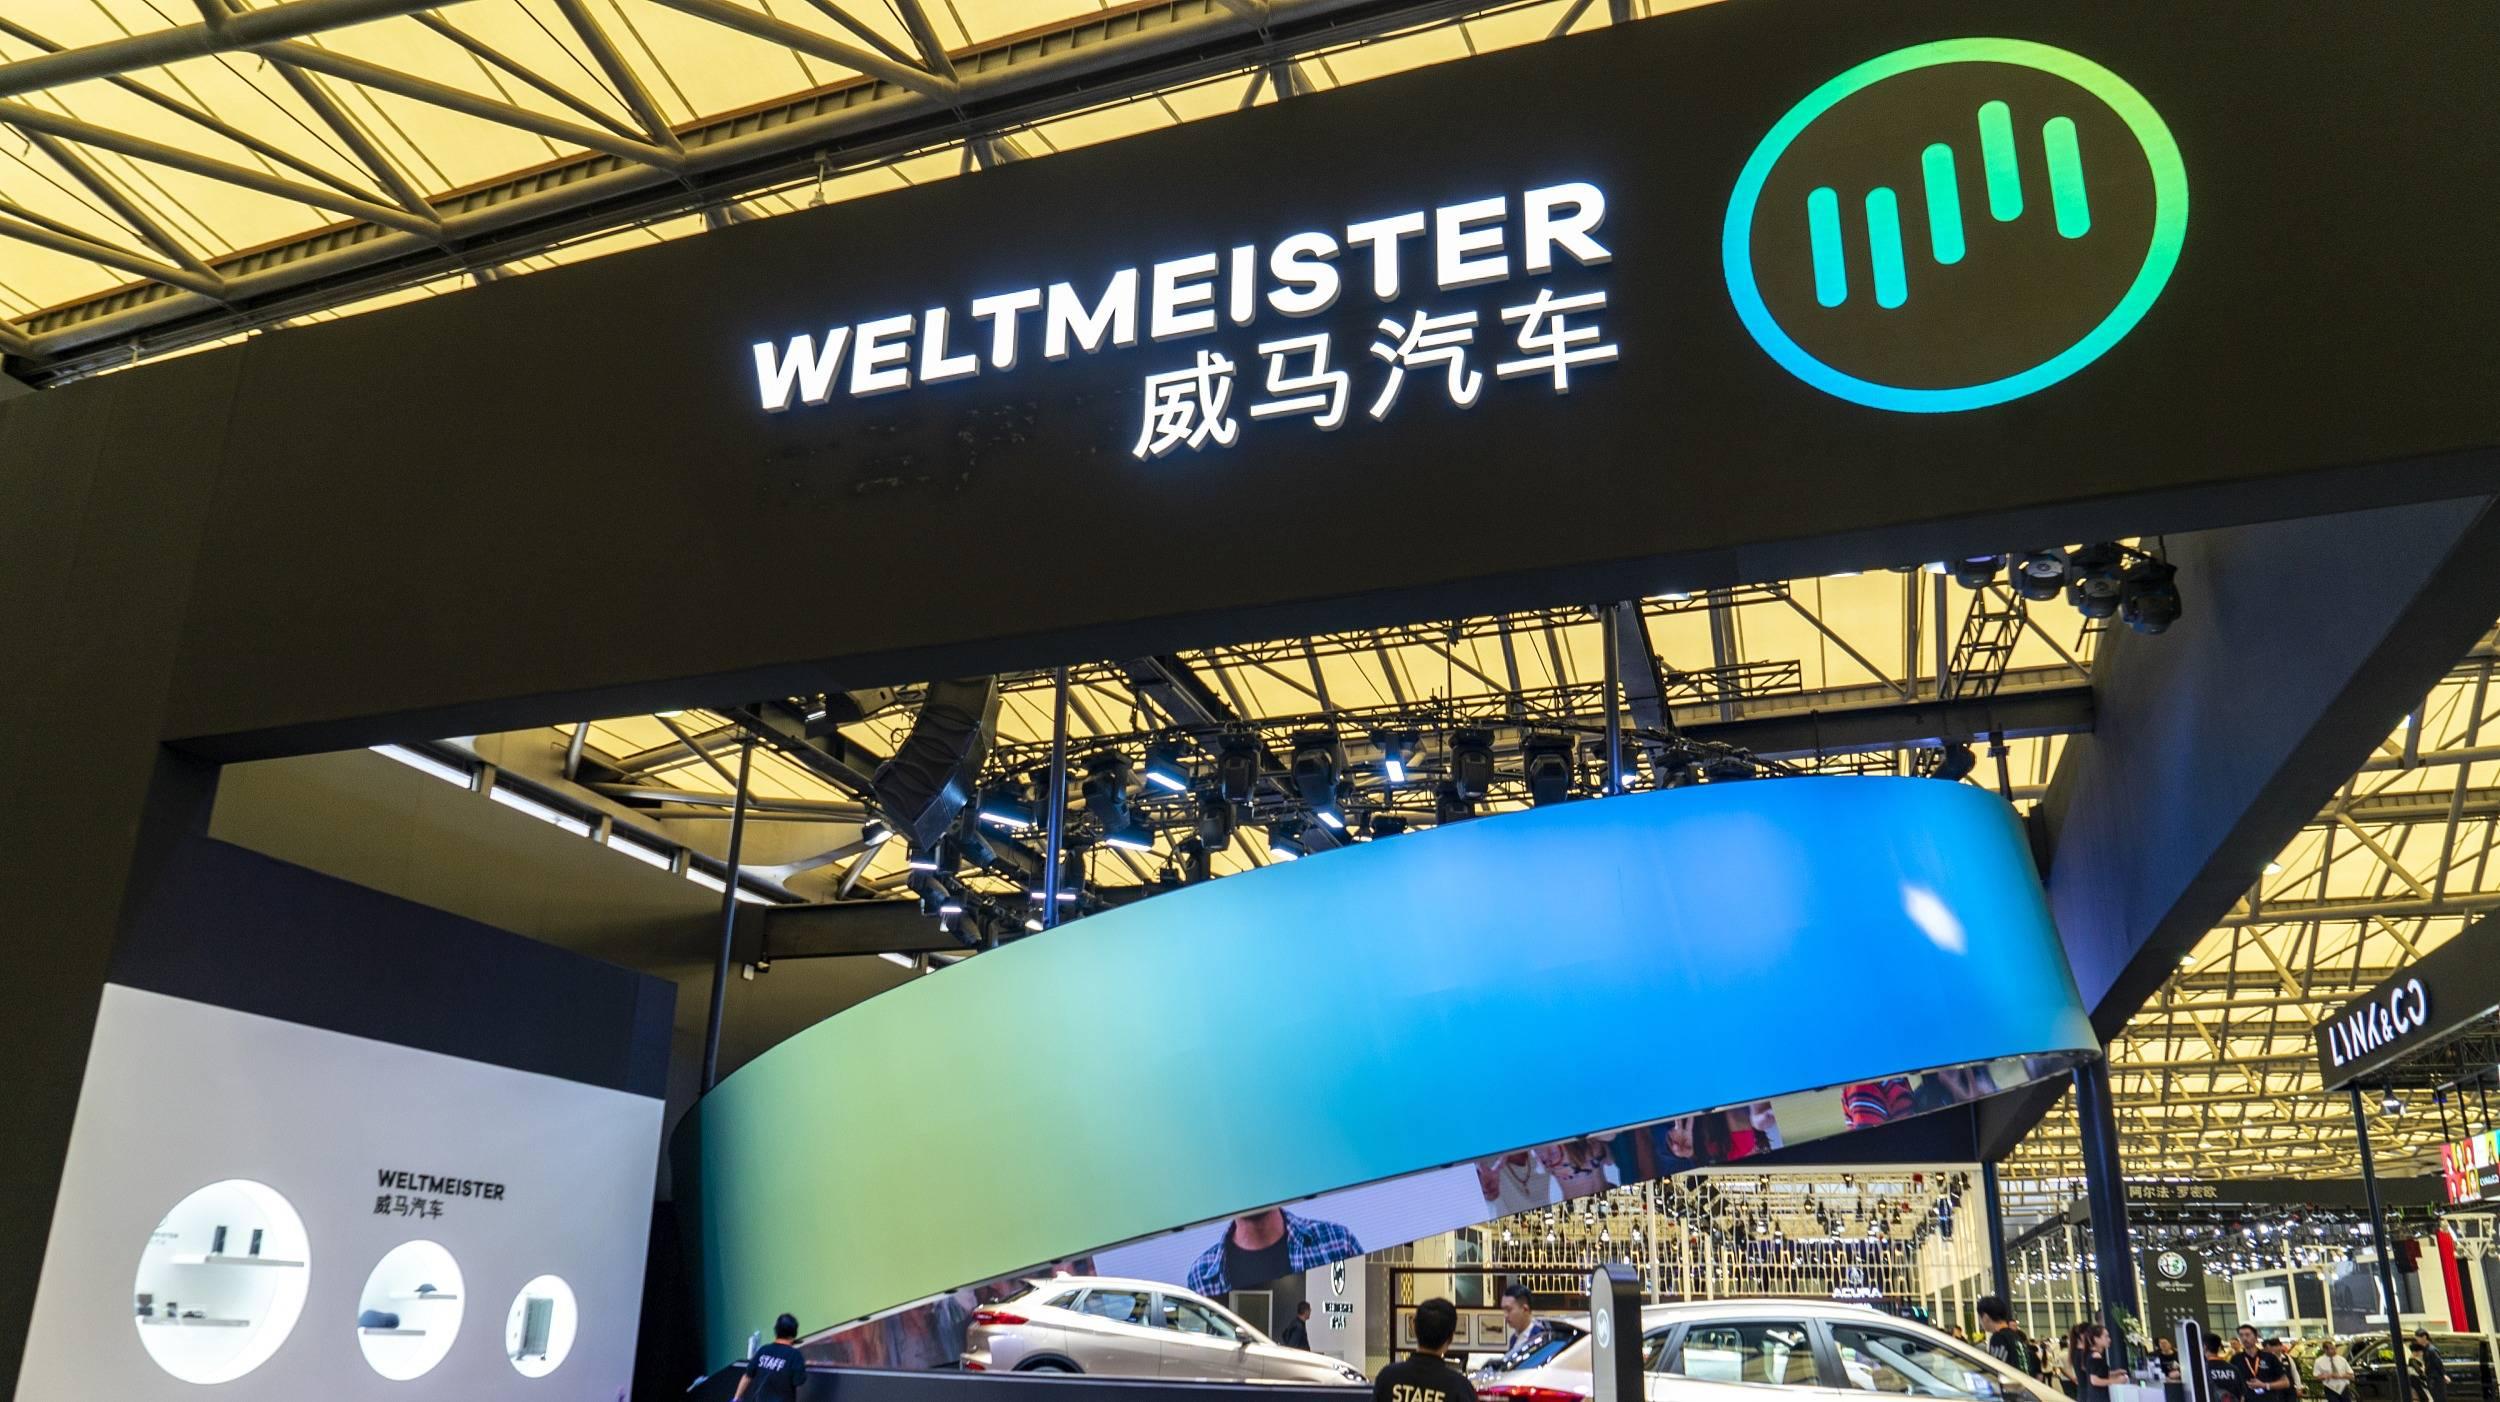 威马汽车完成百亿人民币融资,百度仍是最大机构股东